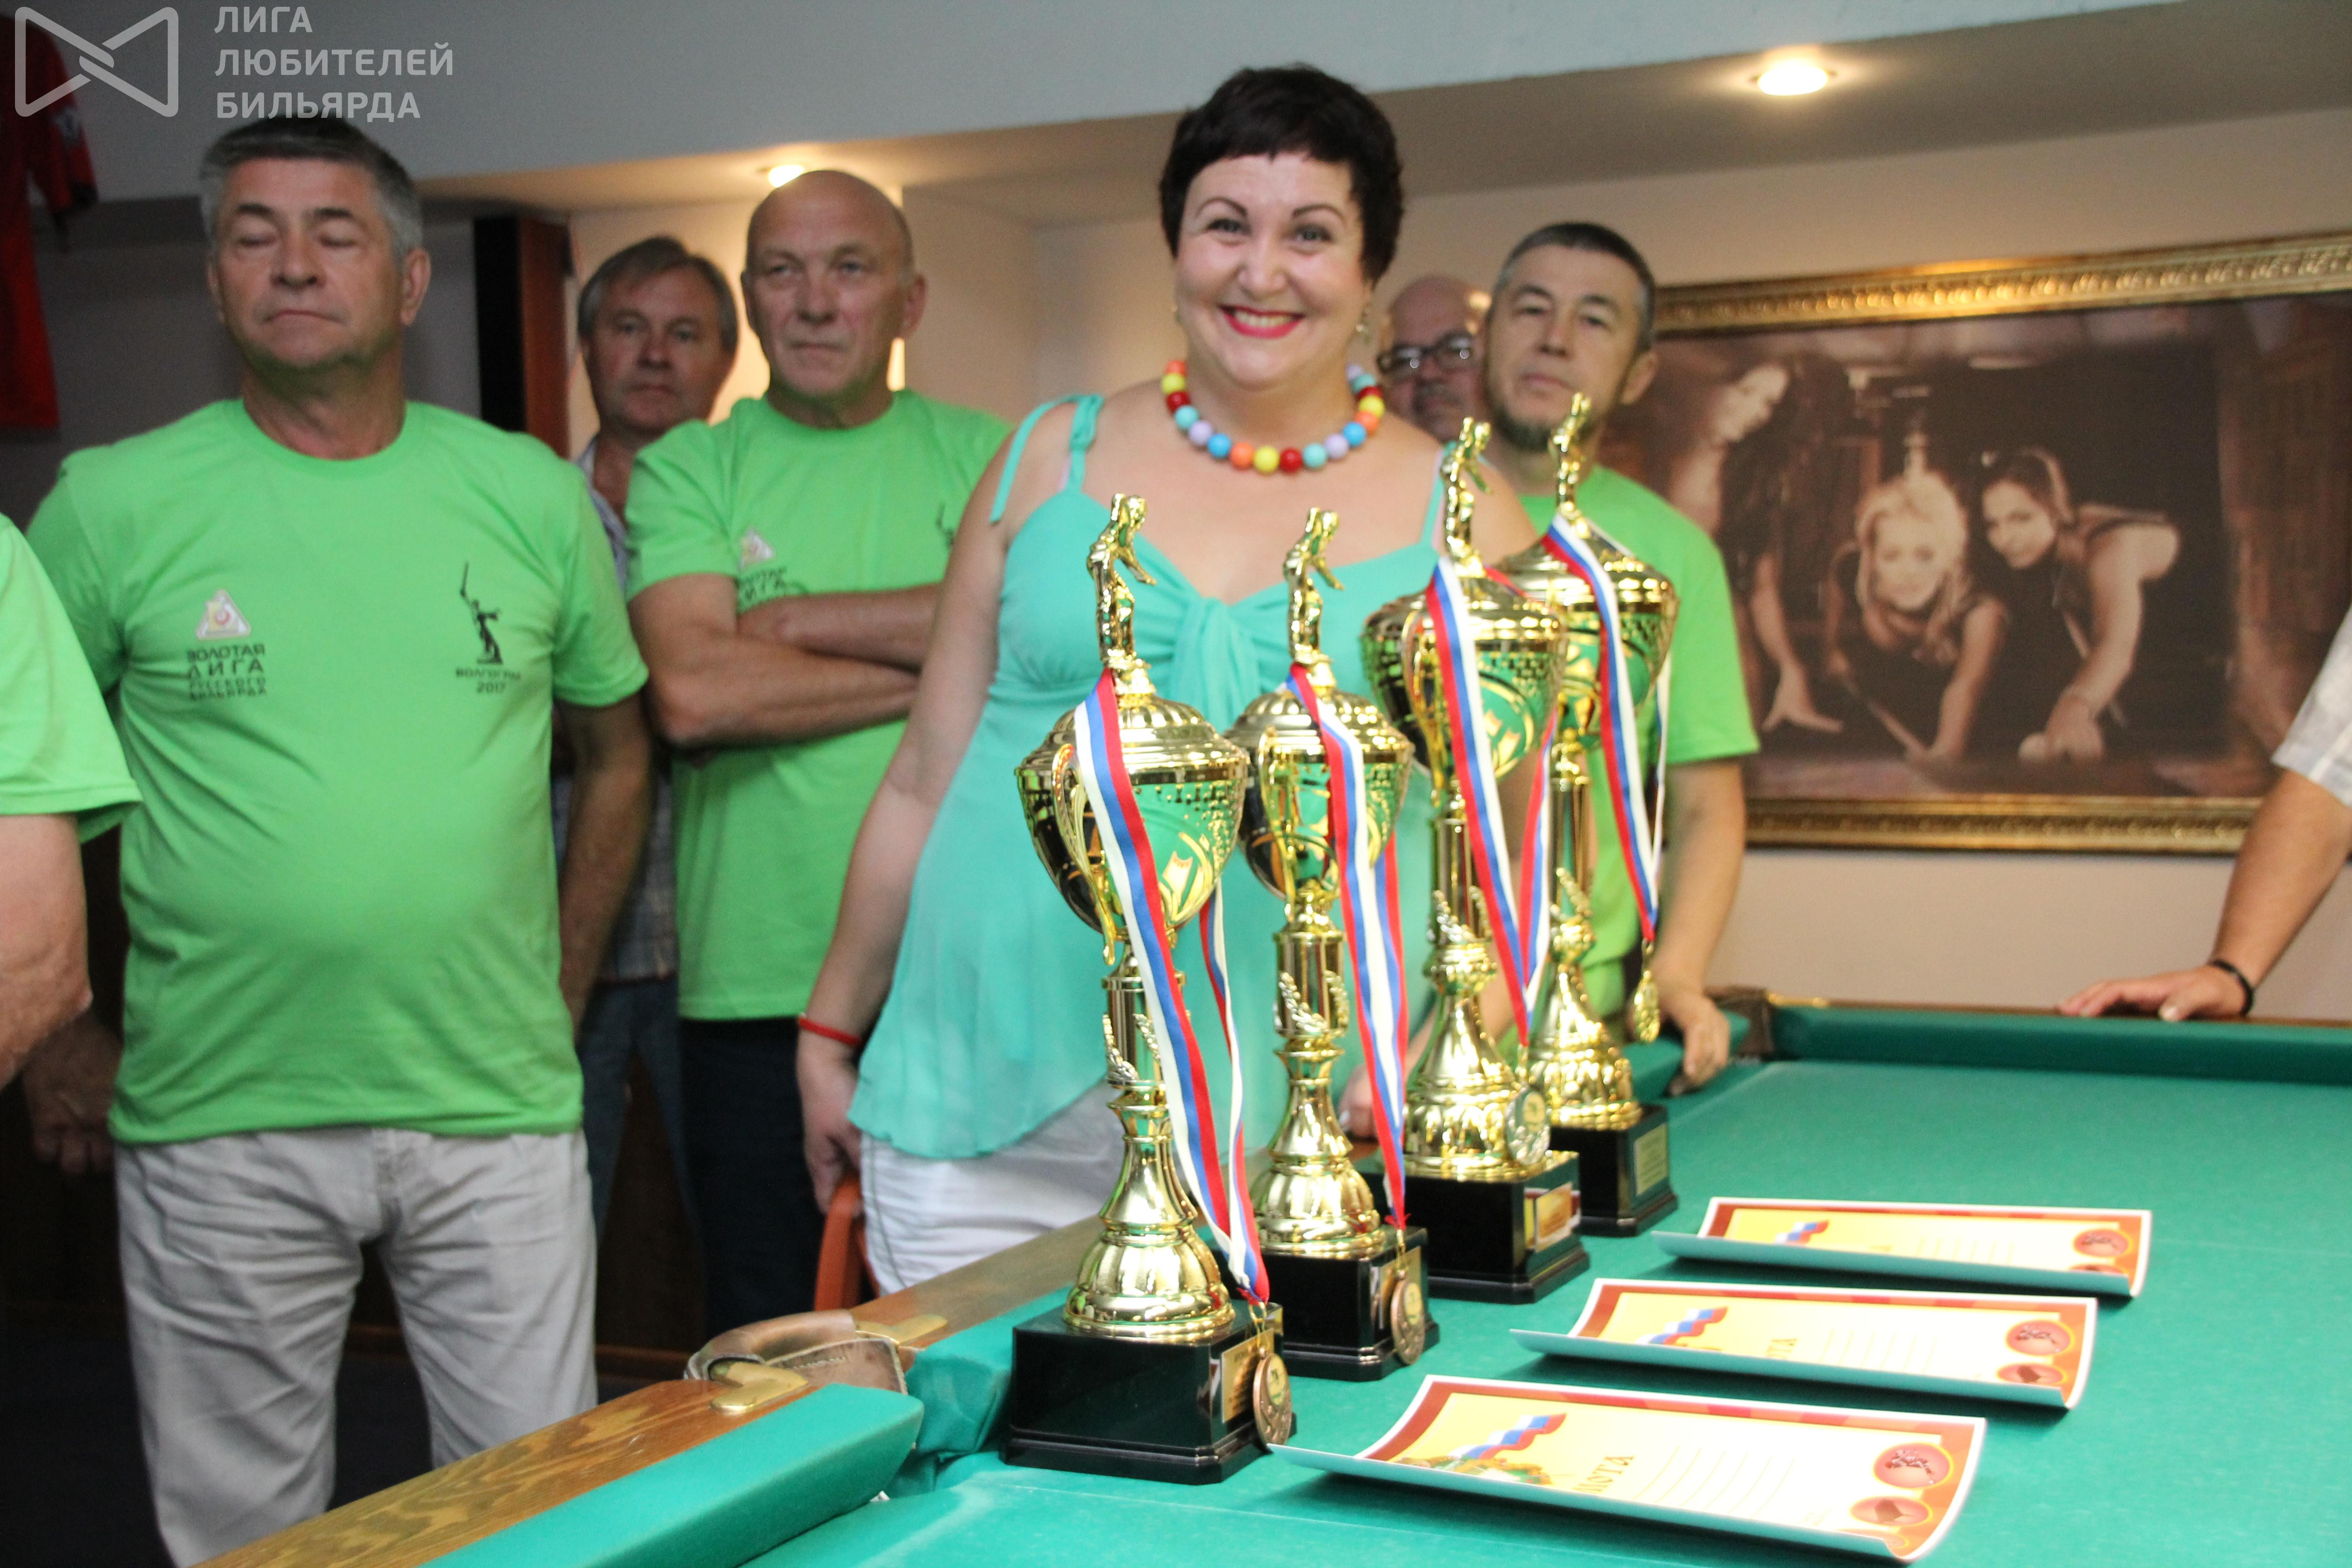 Текущие турниры по бильярду  Лига любителей бильярда